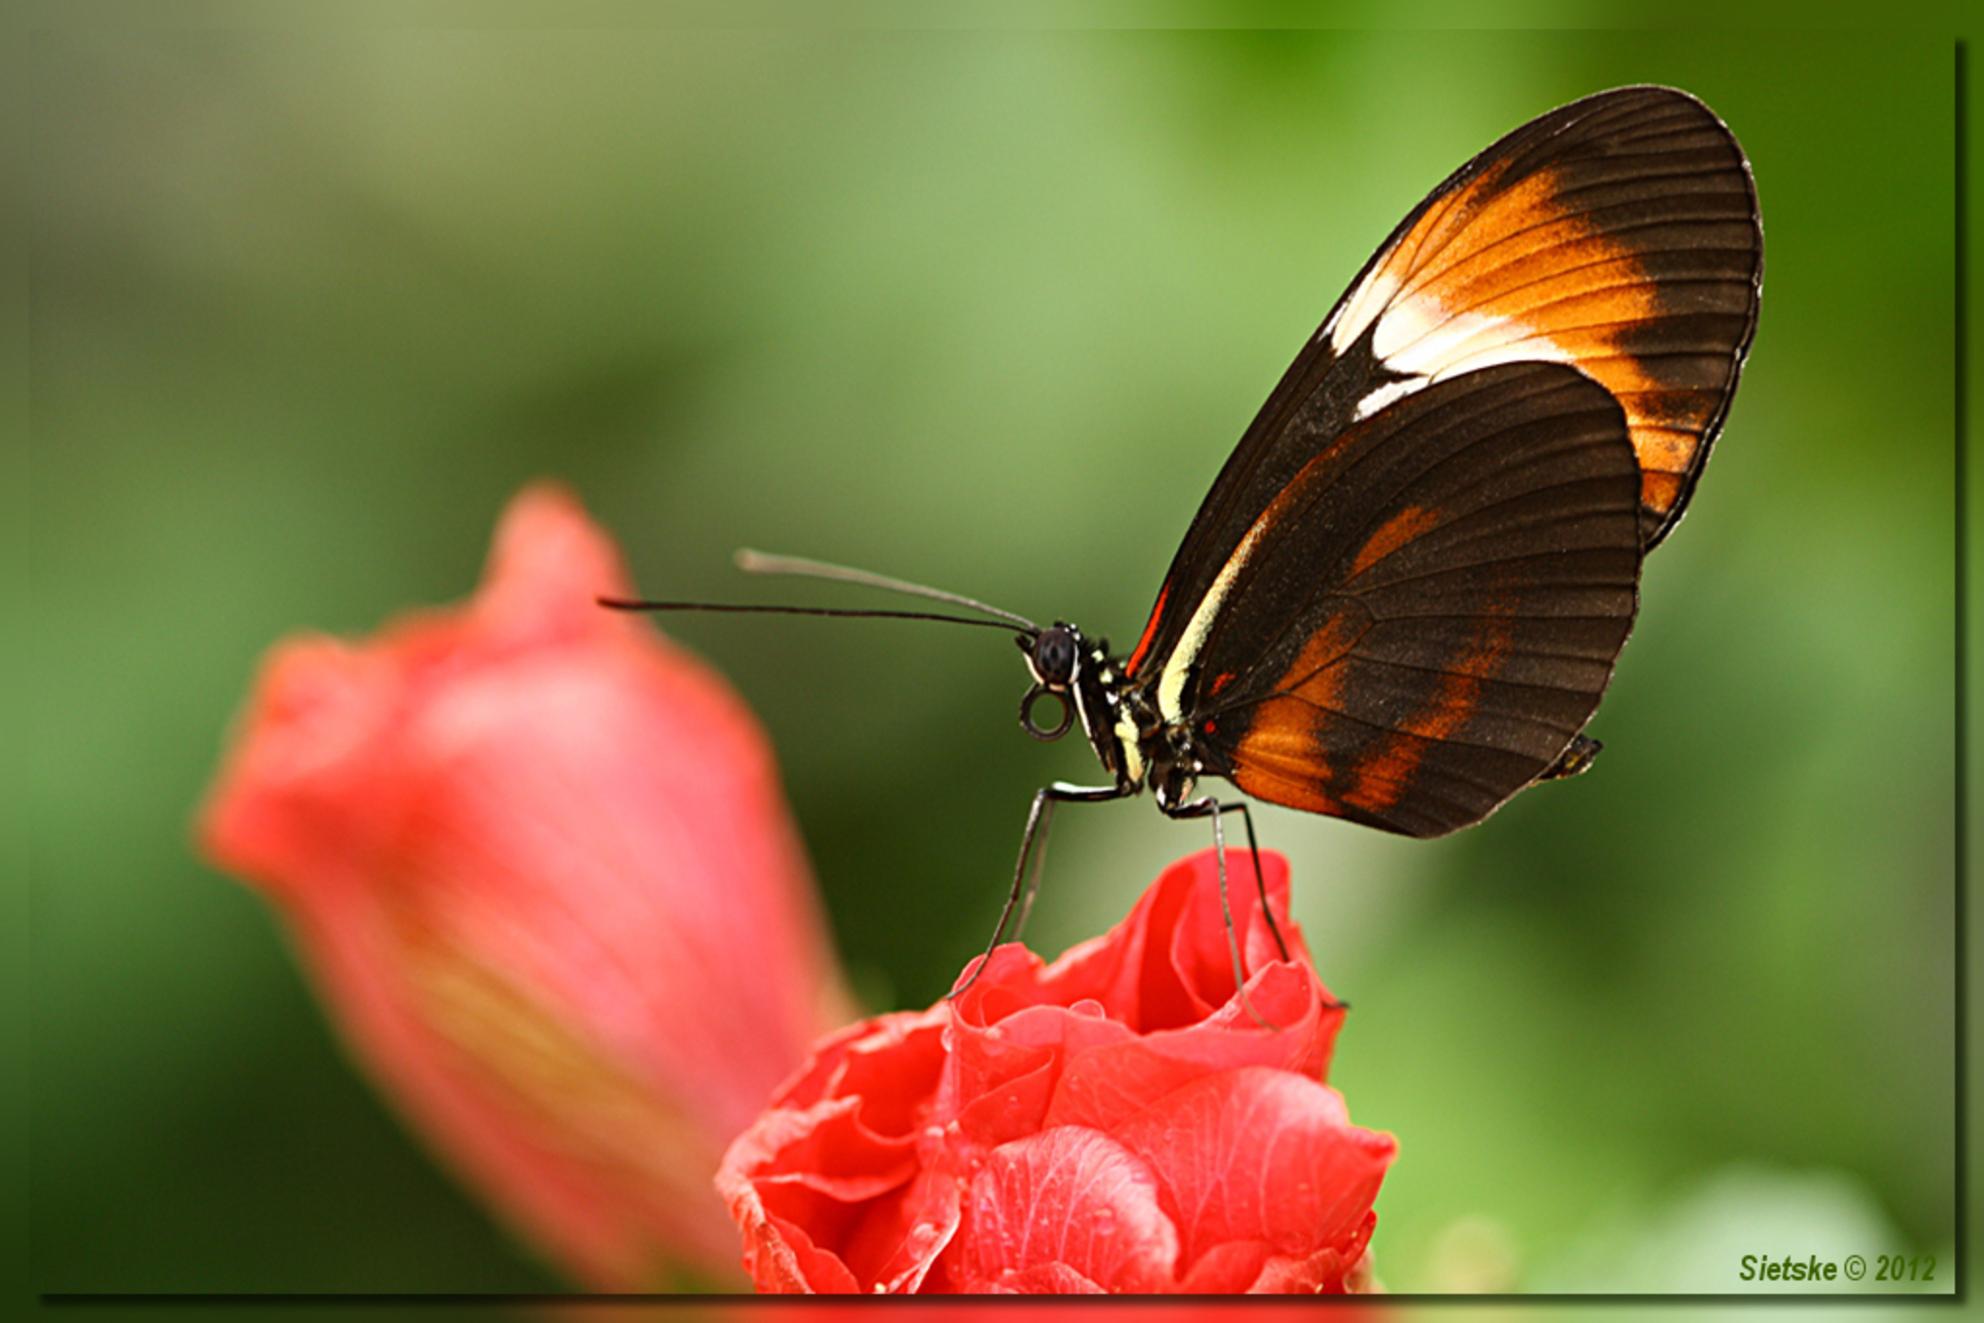 Passiebloemvlinder - Gister weer een dagje in de vlindervallei van de orchideëenhoeve doorgebracht en daar o.a. deze Passiebloemvlinder vastgelegd. - foto door SietskeH op 31-01-2012 - deze foto bevat: macro, vlinder, tropisch, vlindertuin, passiebloemvlinder, luttelgeest, orchideeenhoeve - Deze foto mag gebruikt worden in een Zoom.nl publicatie